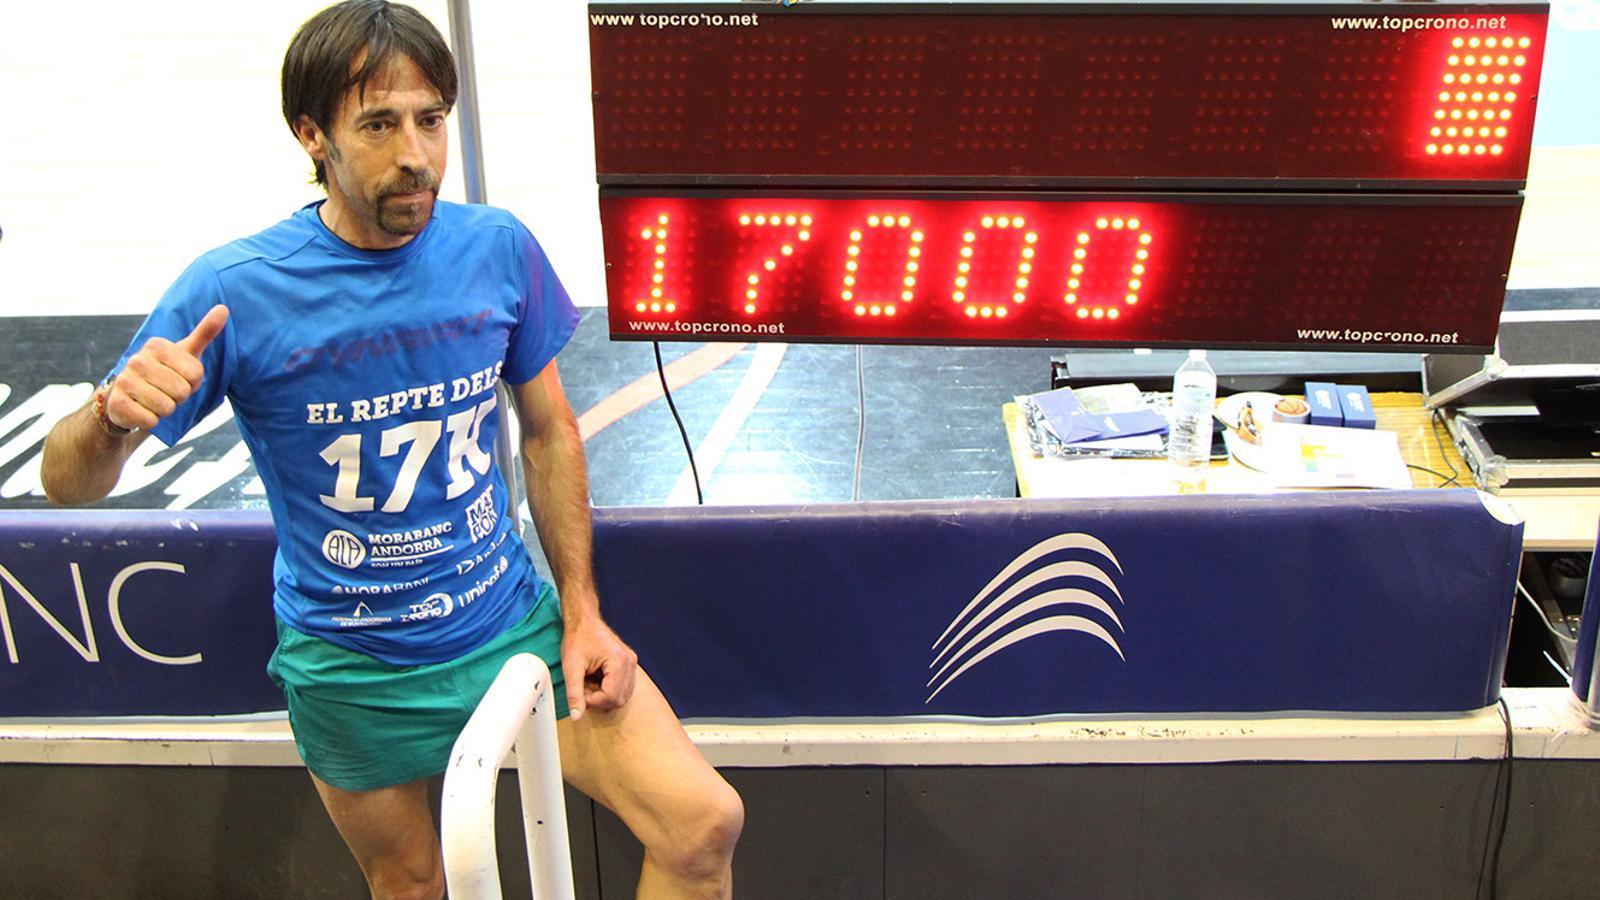 El corredor de muntanya, Ferran Teixidó, posant amb el cartell del repte solidari